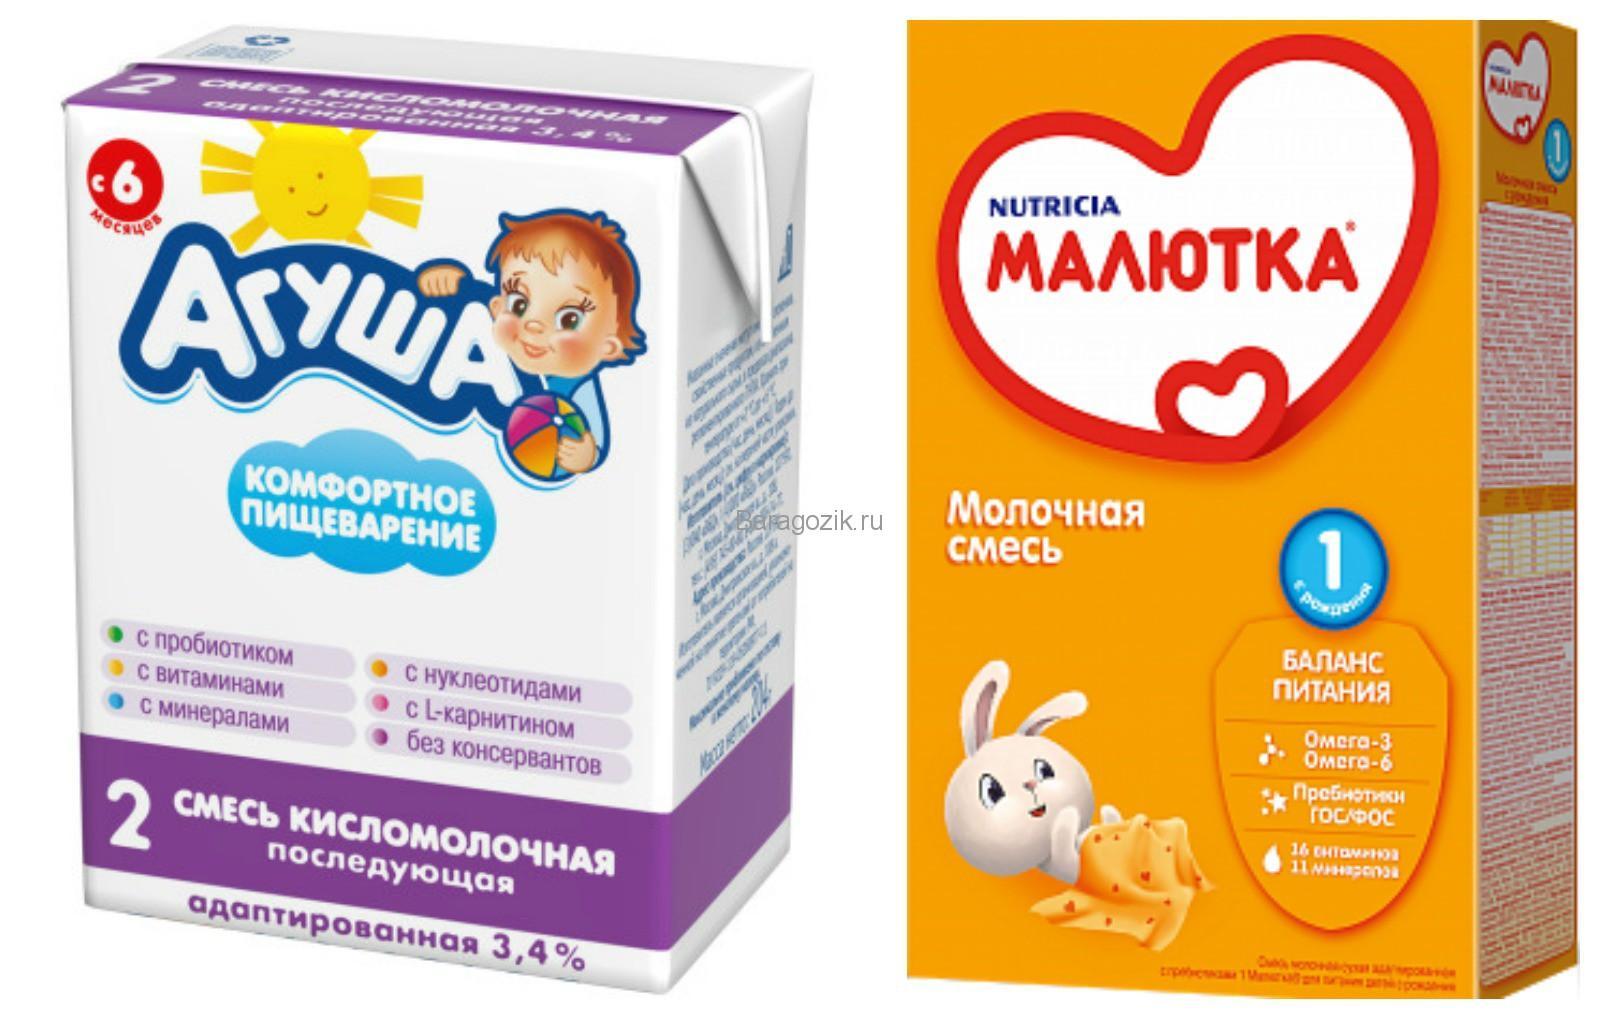 нутрилон пепти аллергия цена в красноярске